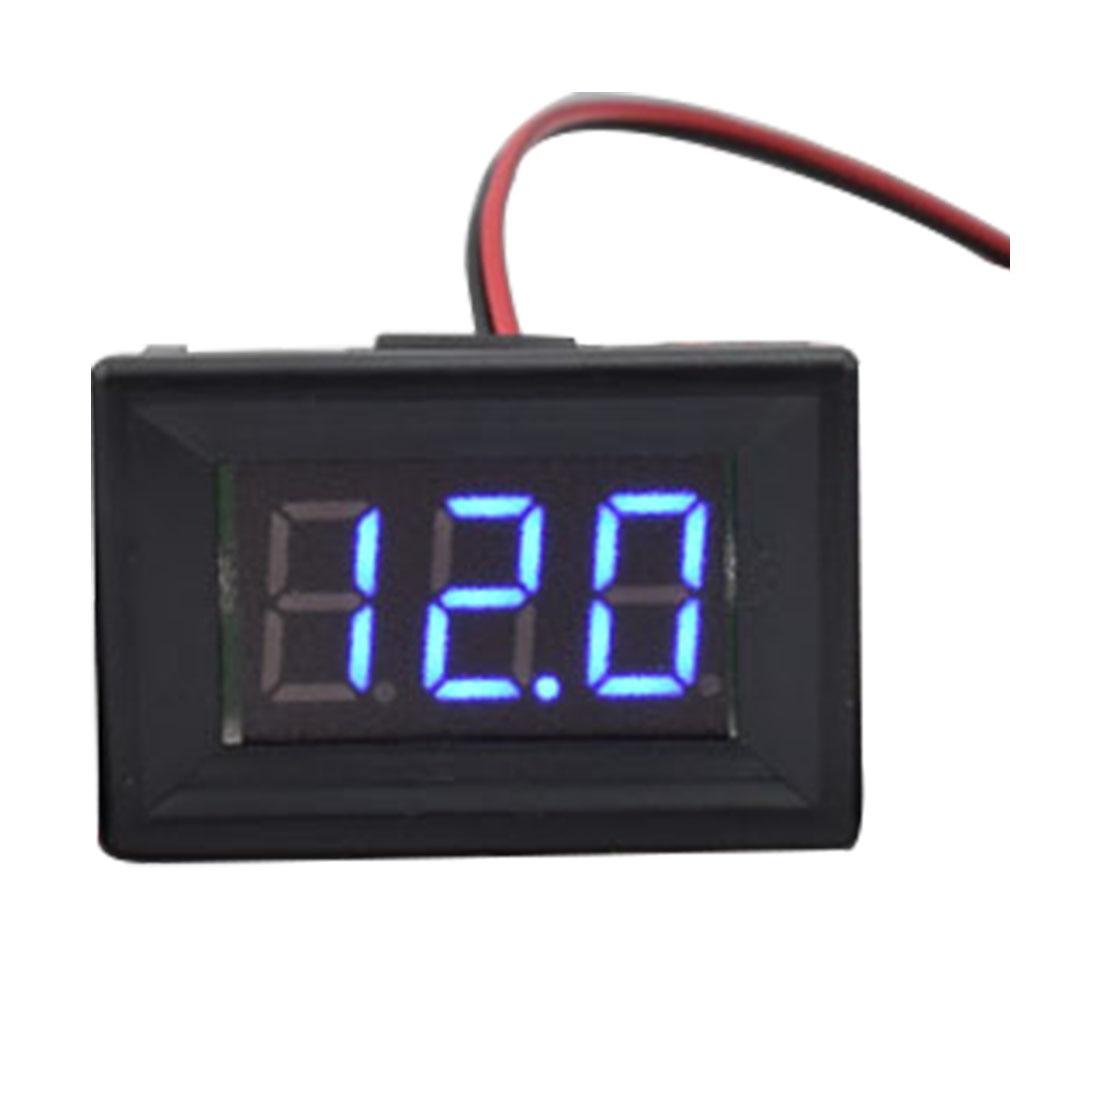 Digital Panel Voltage Meter Voltage Detector Monitor 1pcs Digital Voltmeter Two Wires 0.36 inch LED Display Blue DC 4.50V-30.0V